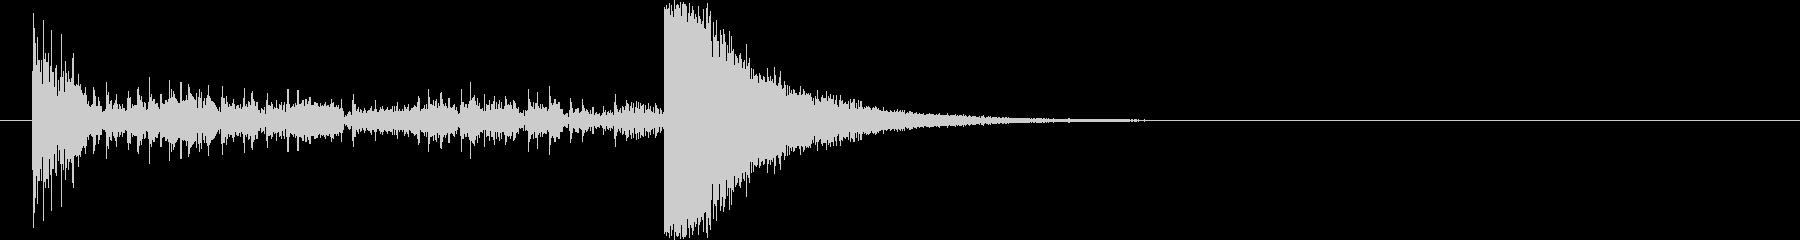 結果発表ドコドコ・ロール5秒シンバル有の未再生の波形